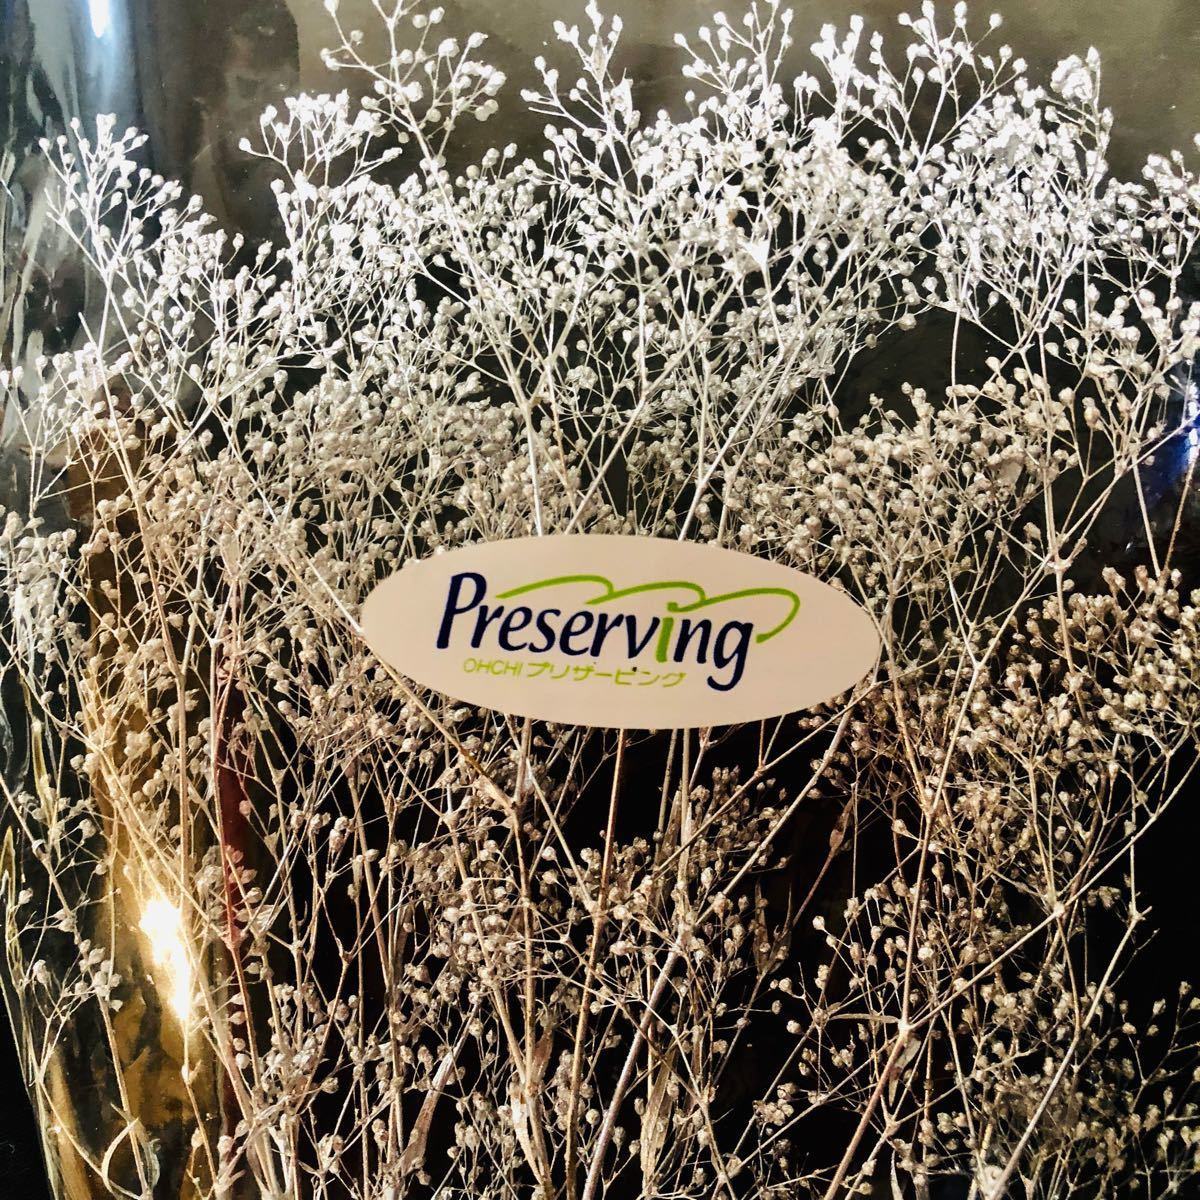 かすみ草 プリザーブドフラワー ハーバリウム花材 大地農園